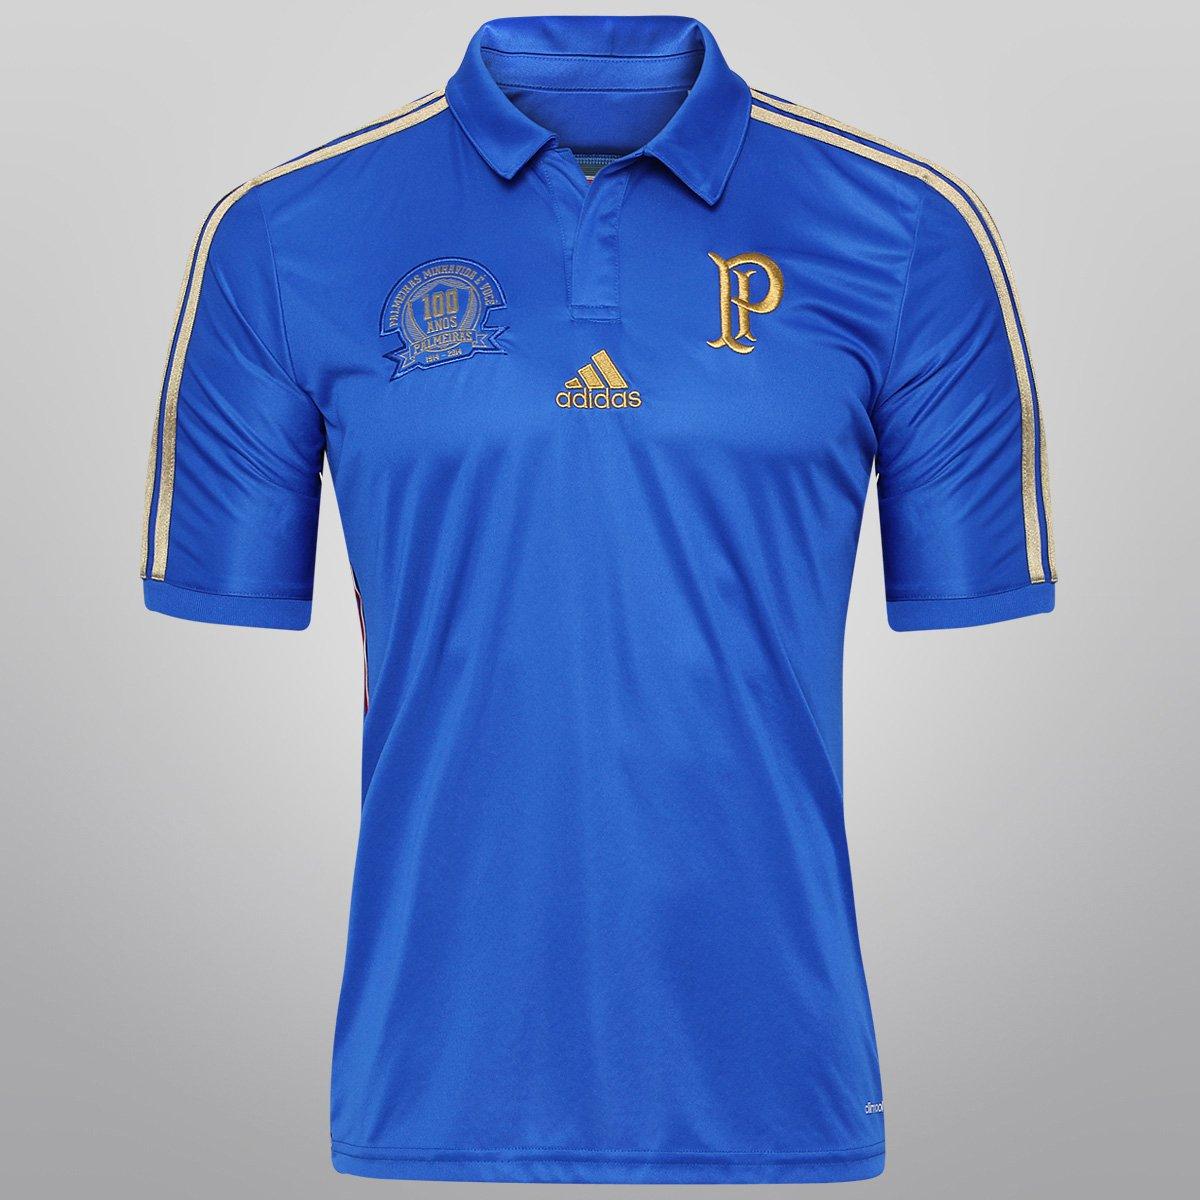 cd5ddd952b Camisa Adidas Palmeiras 1914-2014 s nº - Centenário - Compre Agora ...